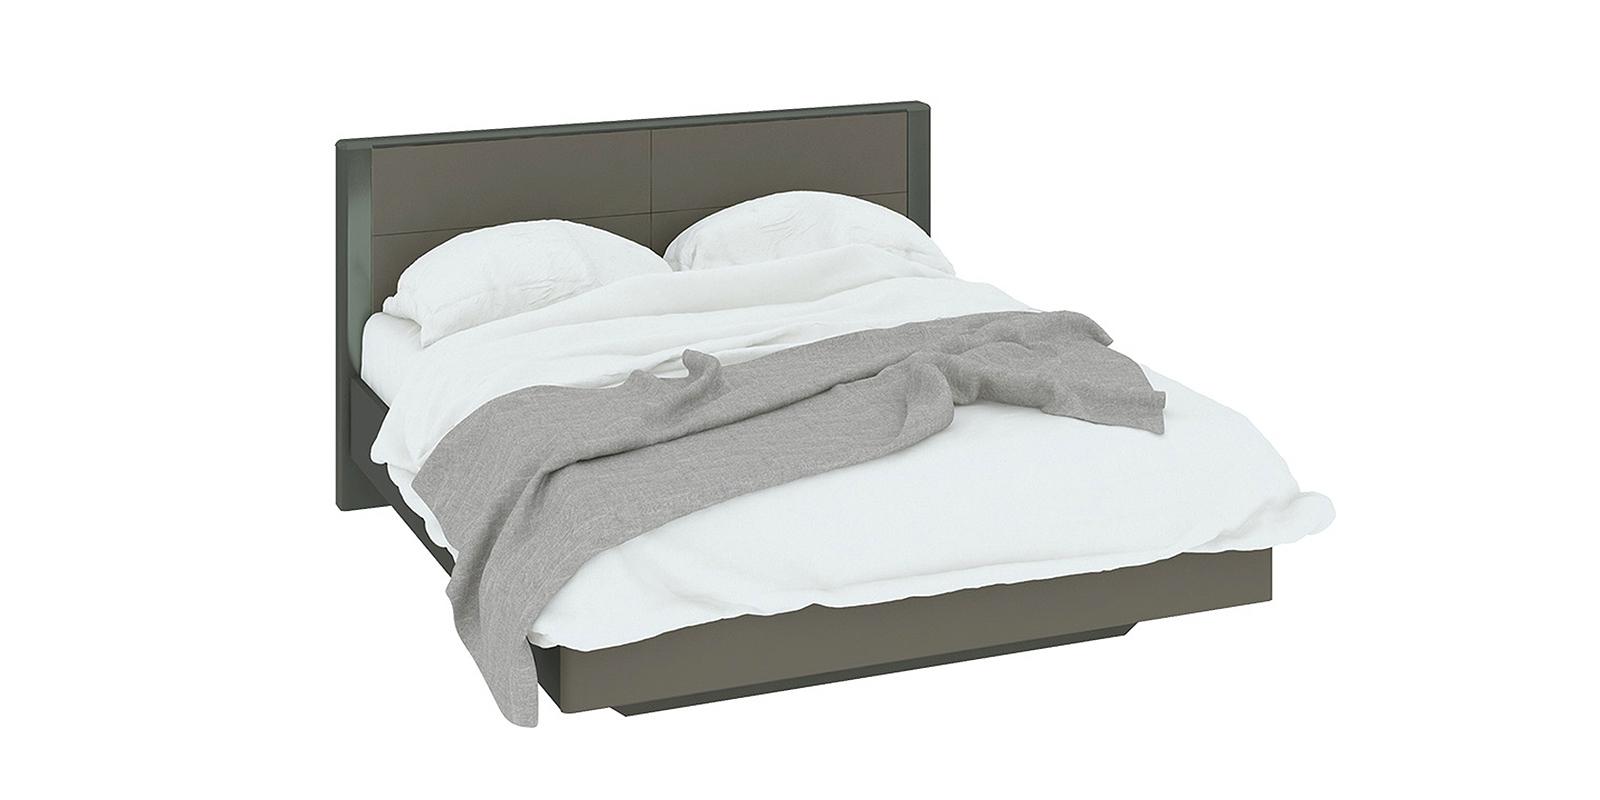 Кровать каркасная 200х160 Сорренто вариант №1 без подъемного механизма (темно-серый/серый)